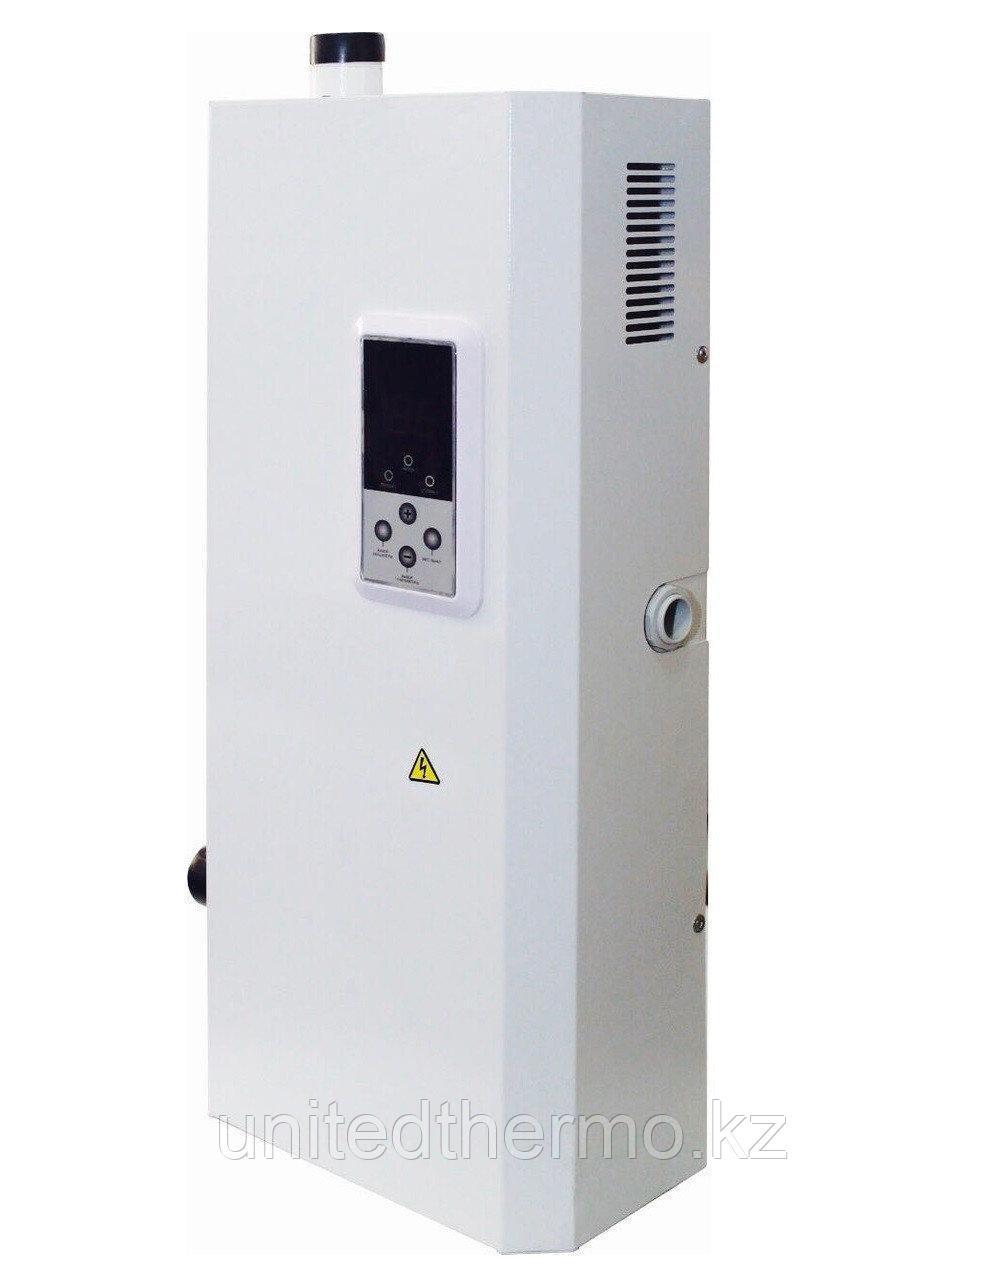 Котел электрический ЭВН-К-4,5М1